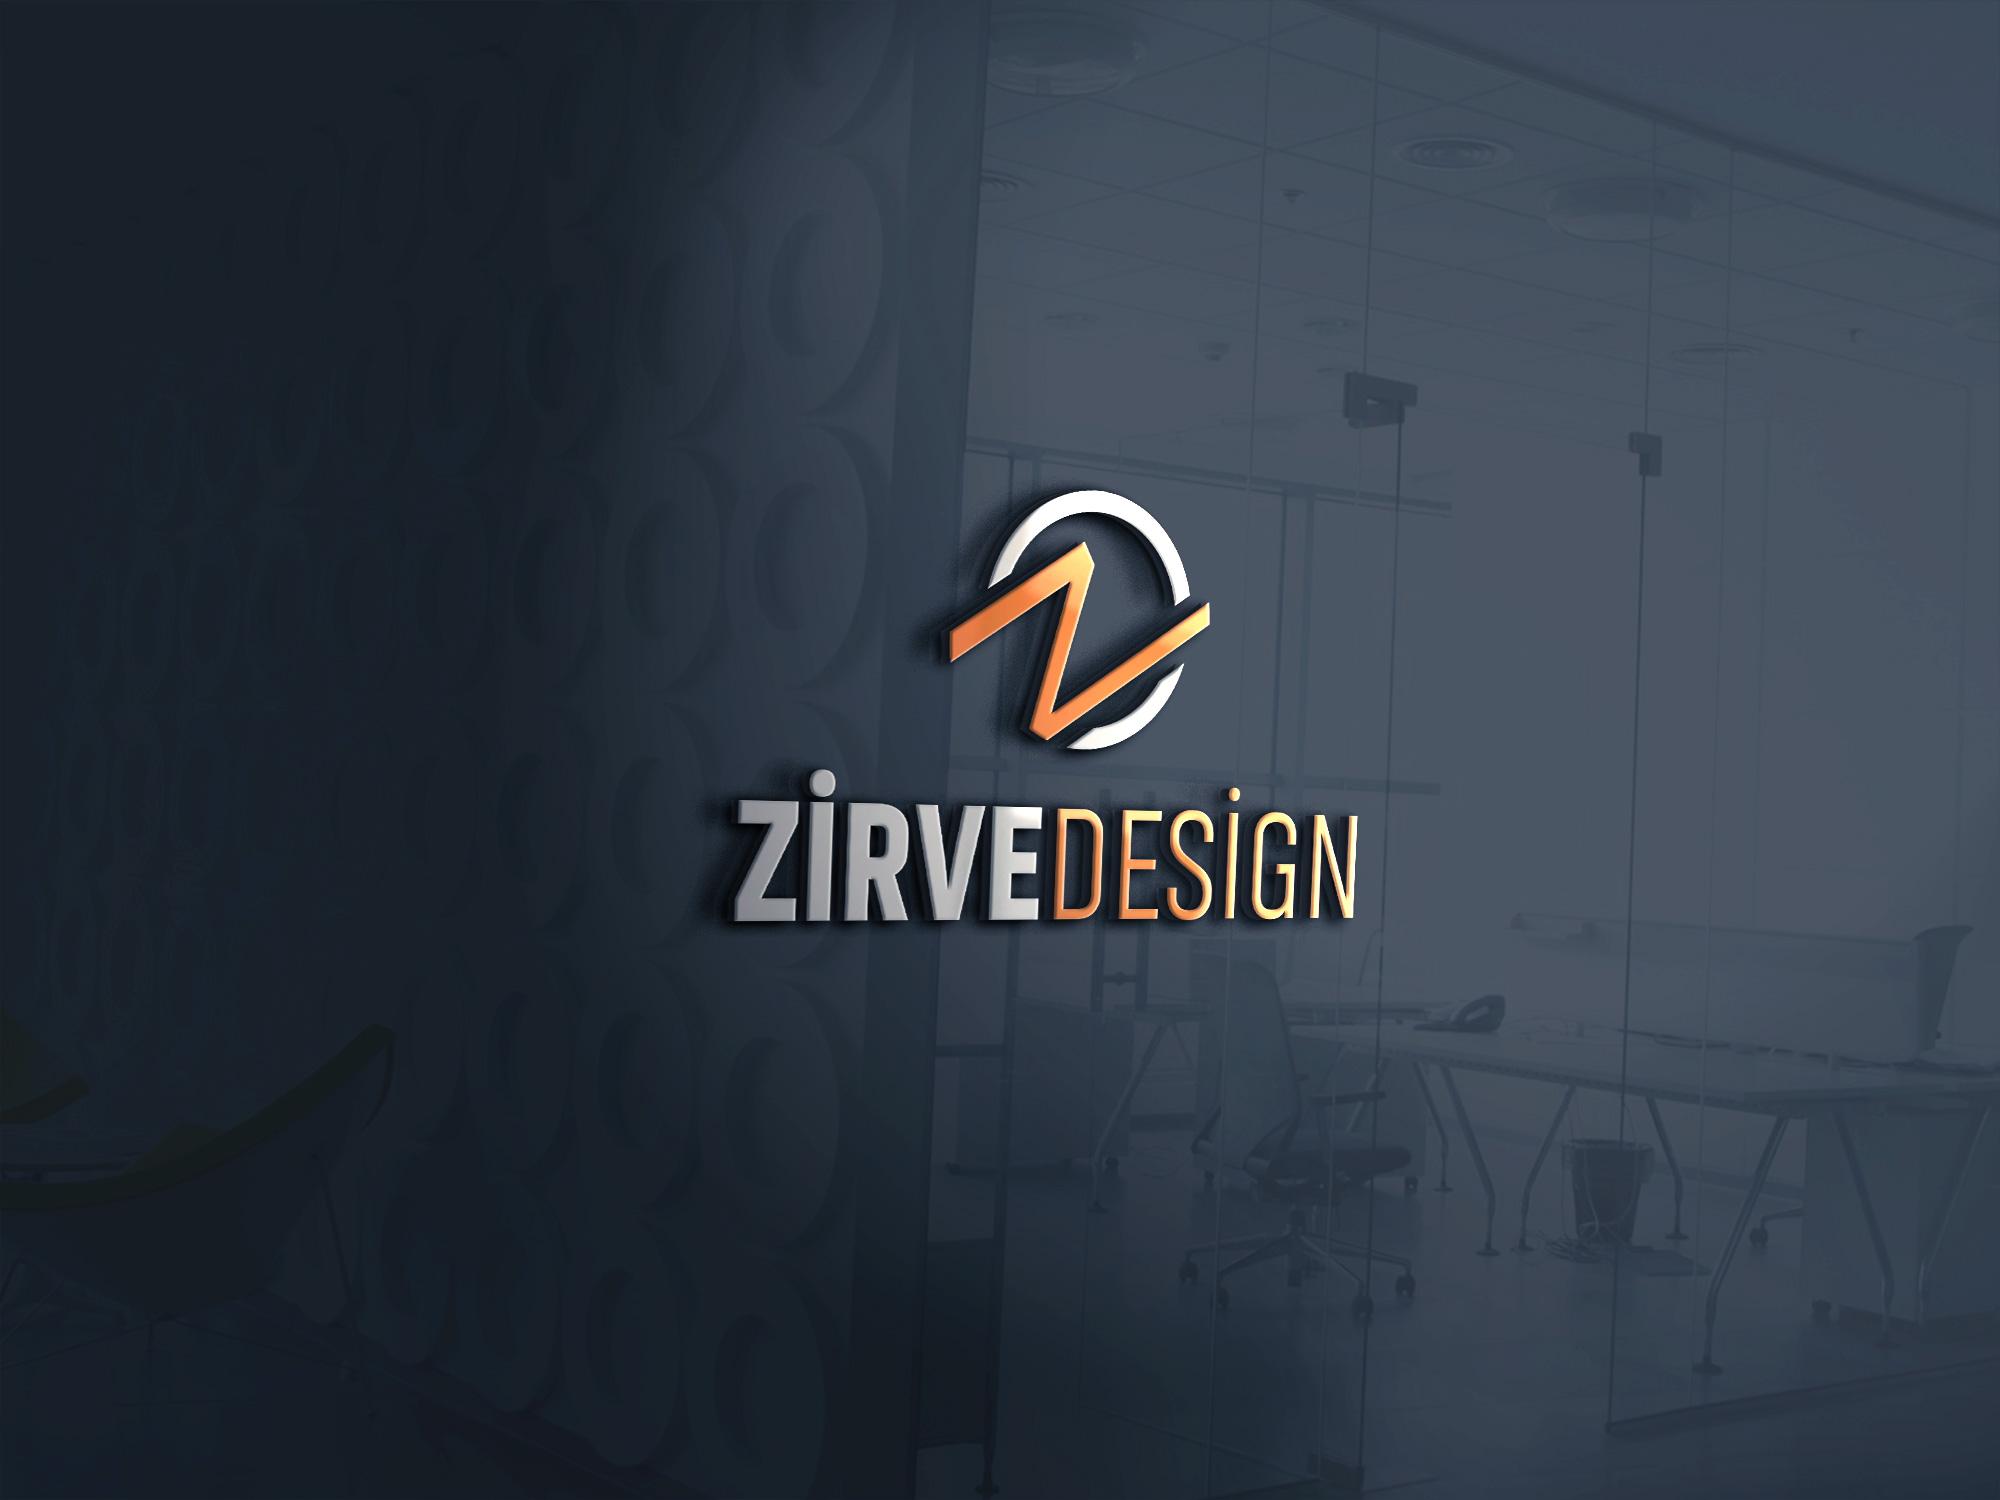 zirve design logo tasarım - Neler Yaptık?